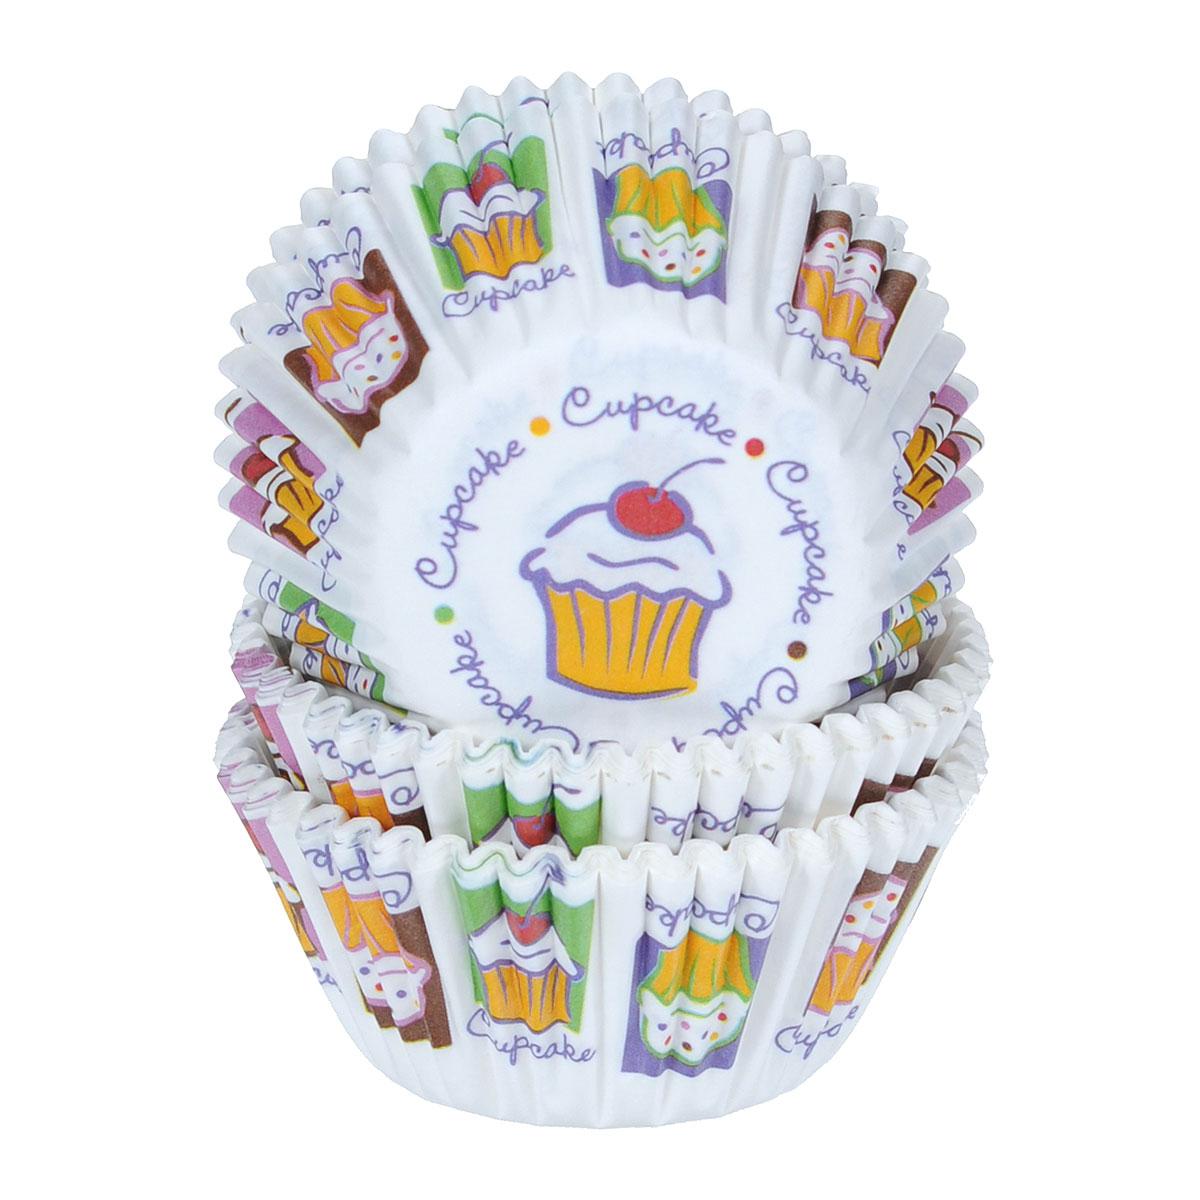 Набор бумажных форм для кексов Wilton Кекс, диаметр 7 см, 75 штWLT-415-422Бумажные формы Wilton Кекс используются для выпечки, украшения и упаковки кондитерских изделий, сервировки конфет, орешков, десертов. Края форм гофрированные. С такими формами вы всегда сможете порадовать своих близких оригинальной выпечкой.